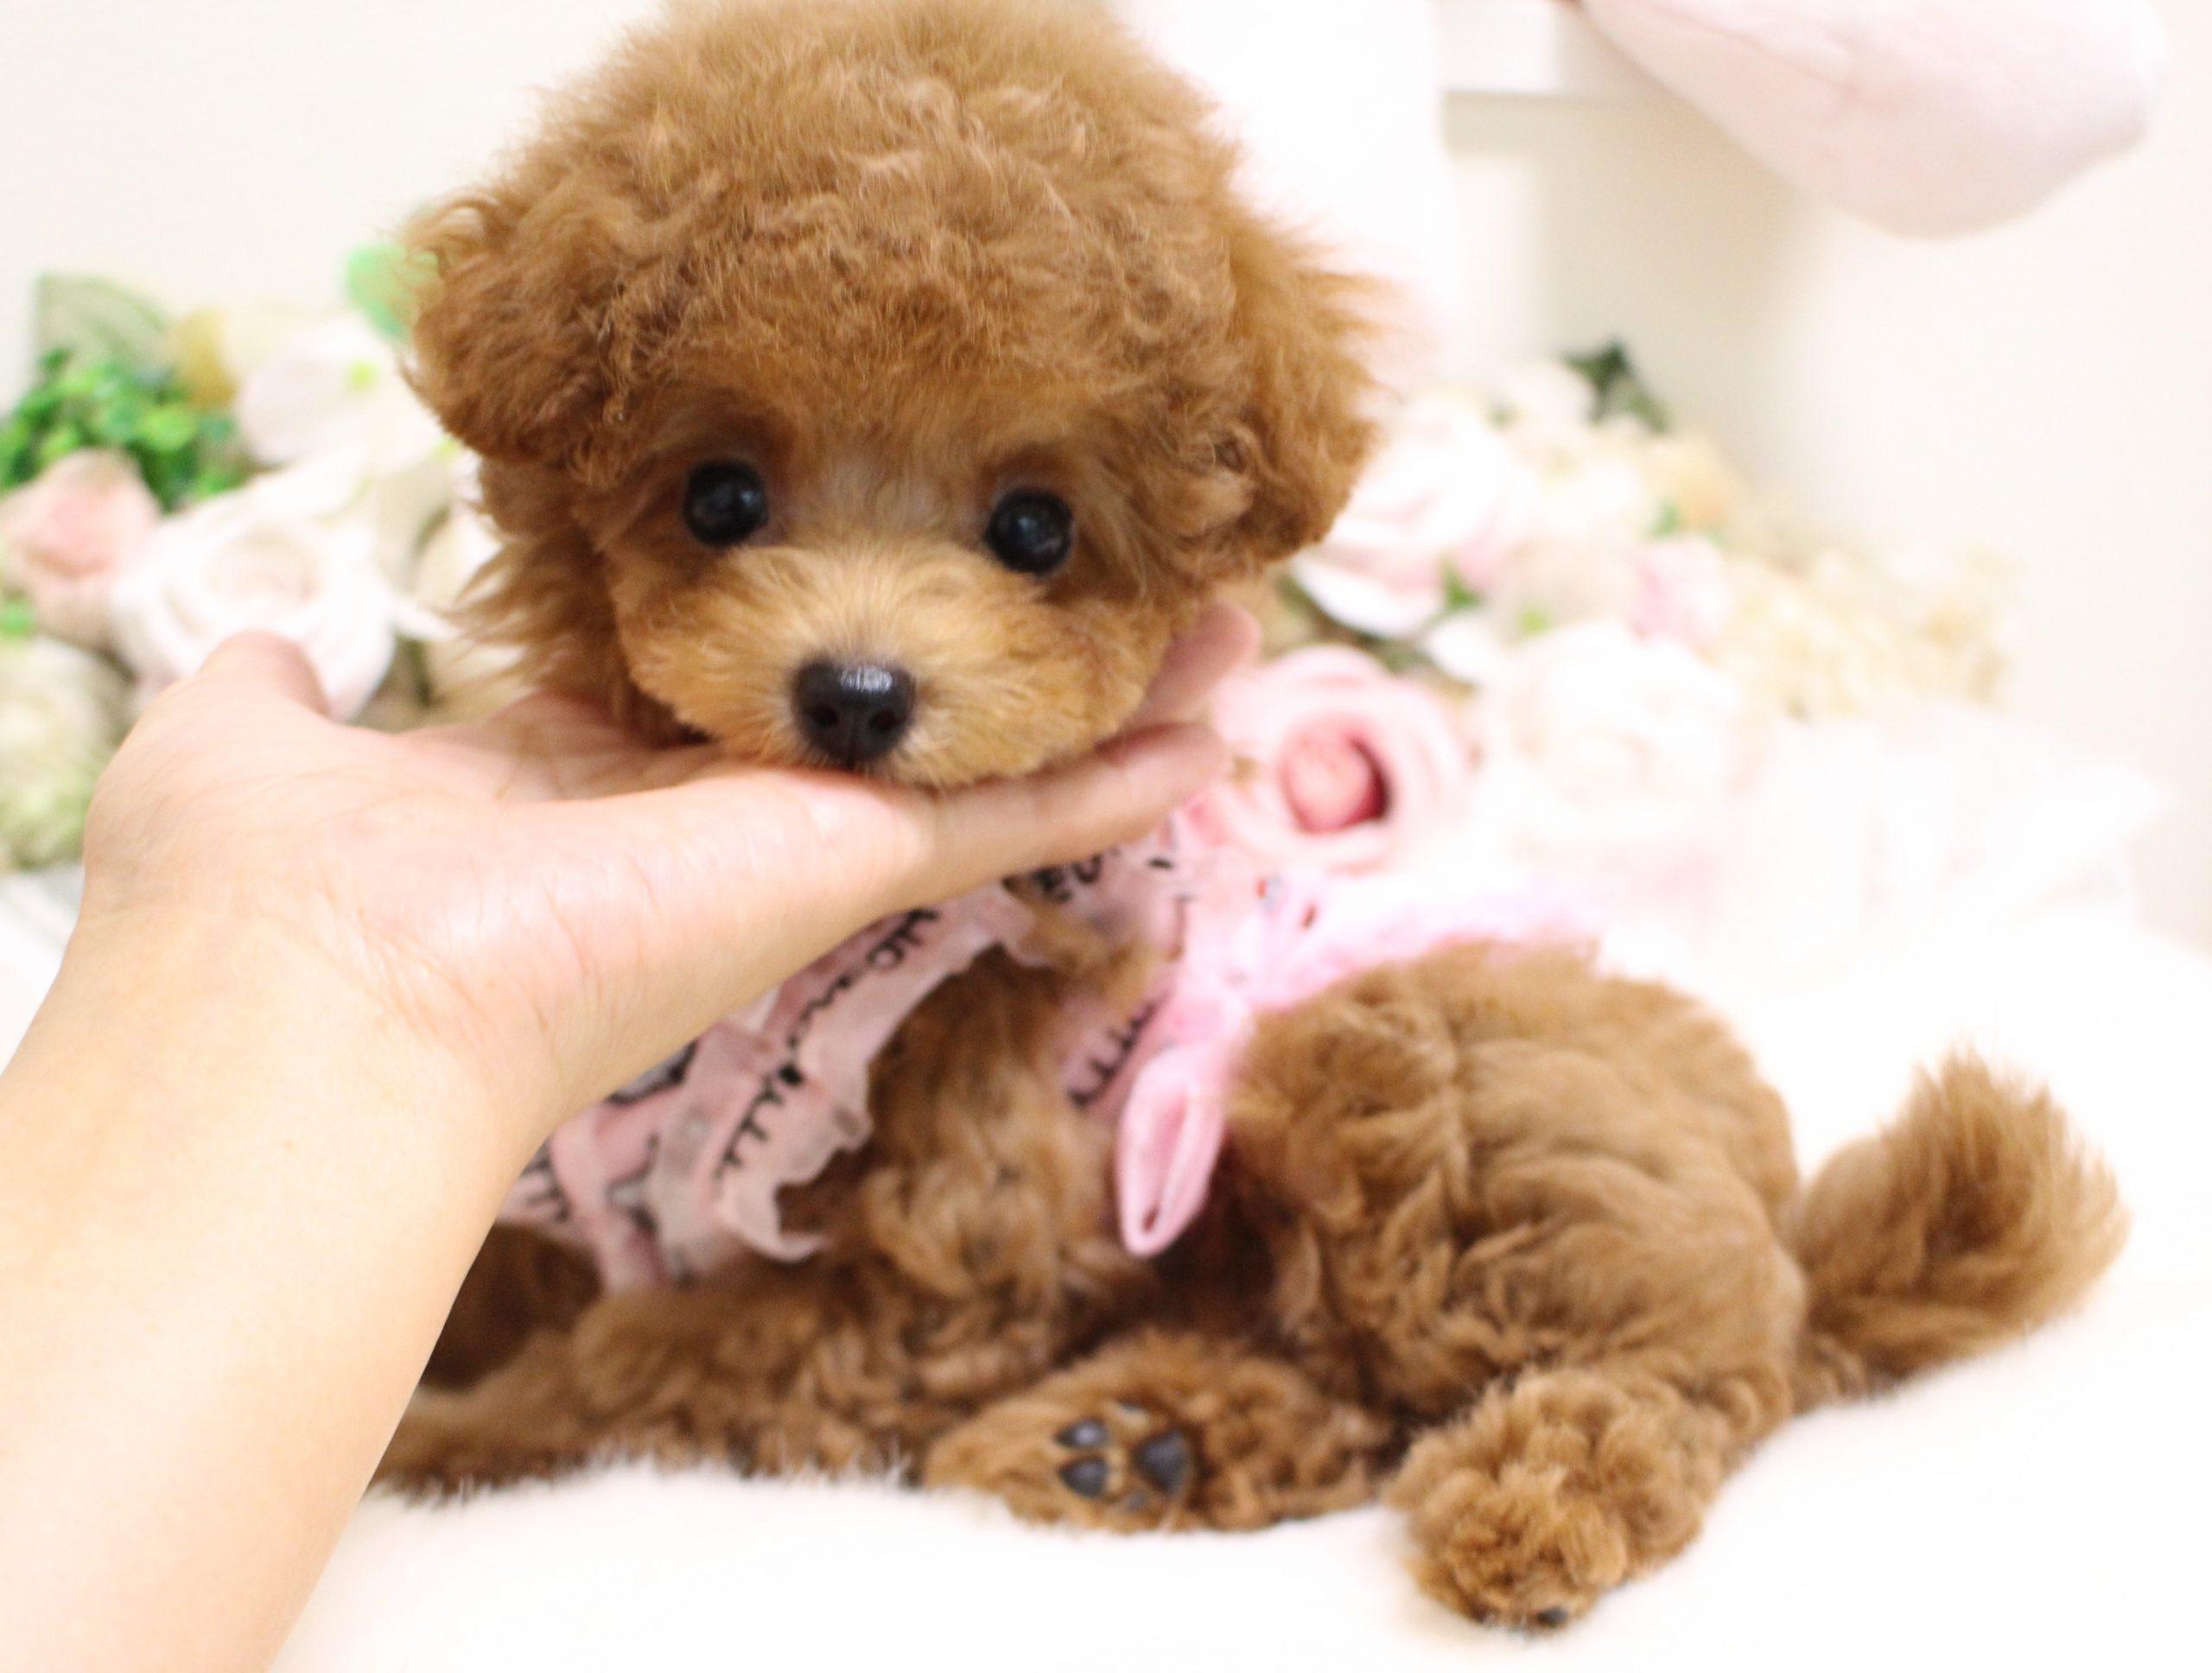 4月27日生まれ  女の子  アプリコット  ティーカップ大きめタイニー小さめ01